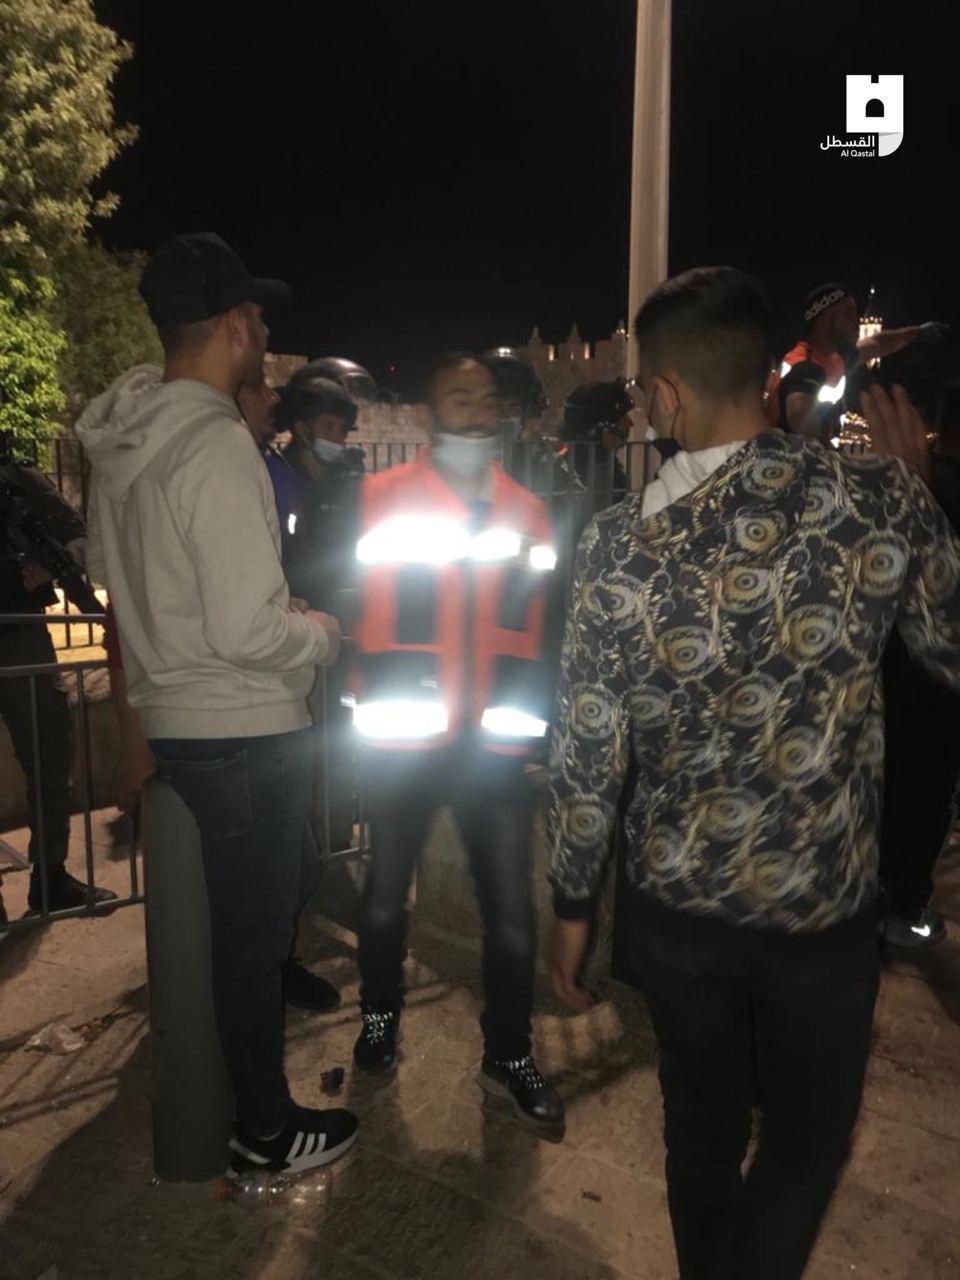 باب العامود وهجوم قوات الإحتلال الإسرائيلي بالقنابل الصوتية على الفسطينين